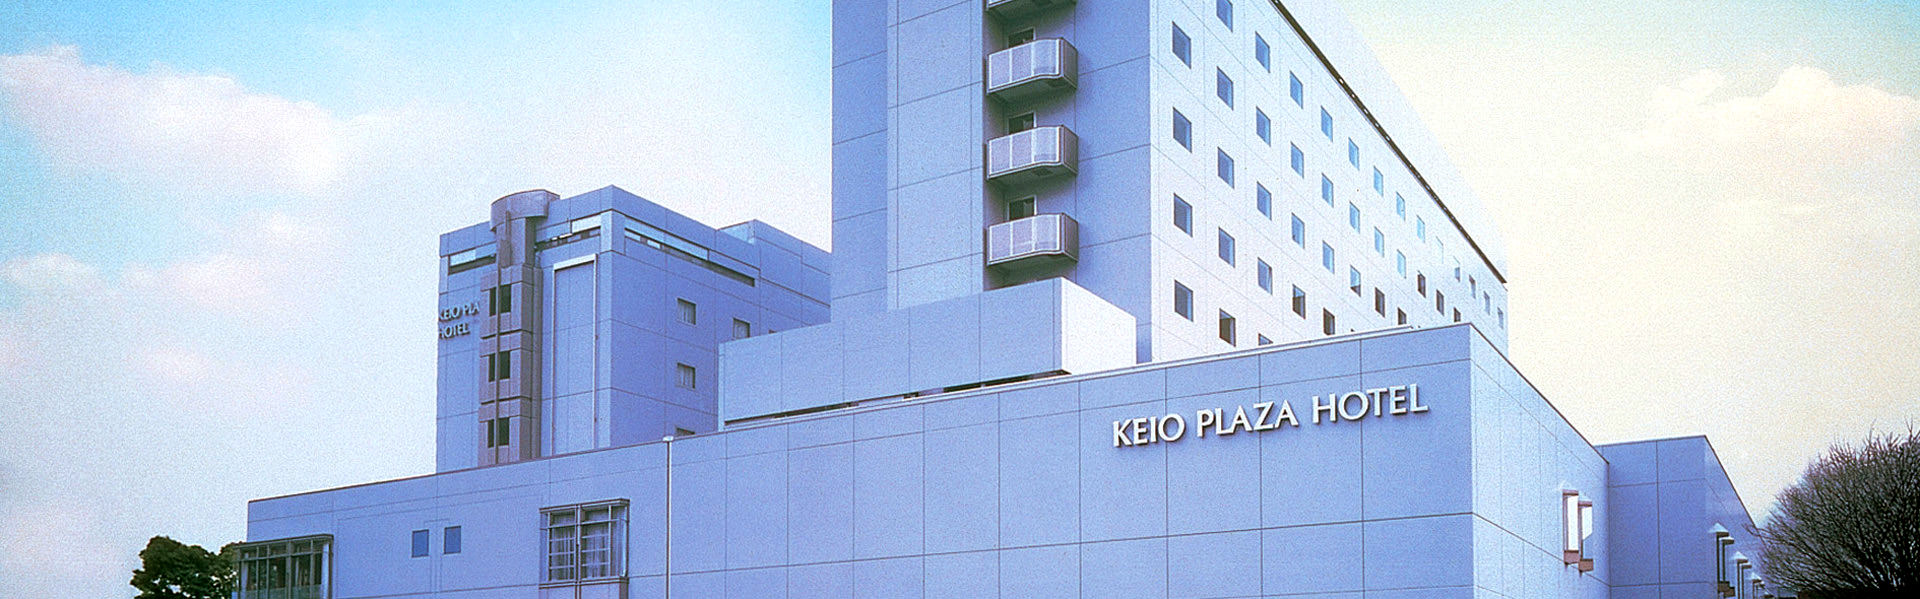 多摩随一の客室数を誇る「京王プラザホテル多摩」